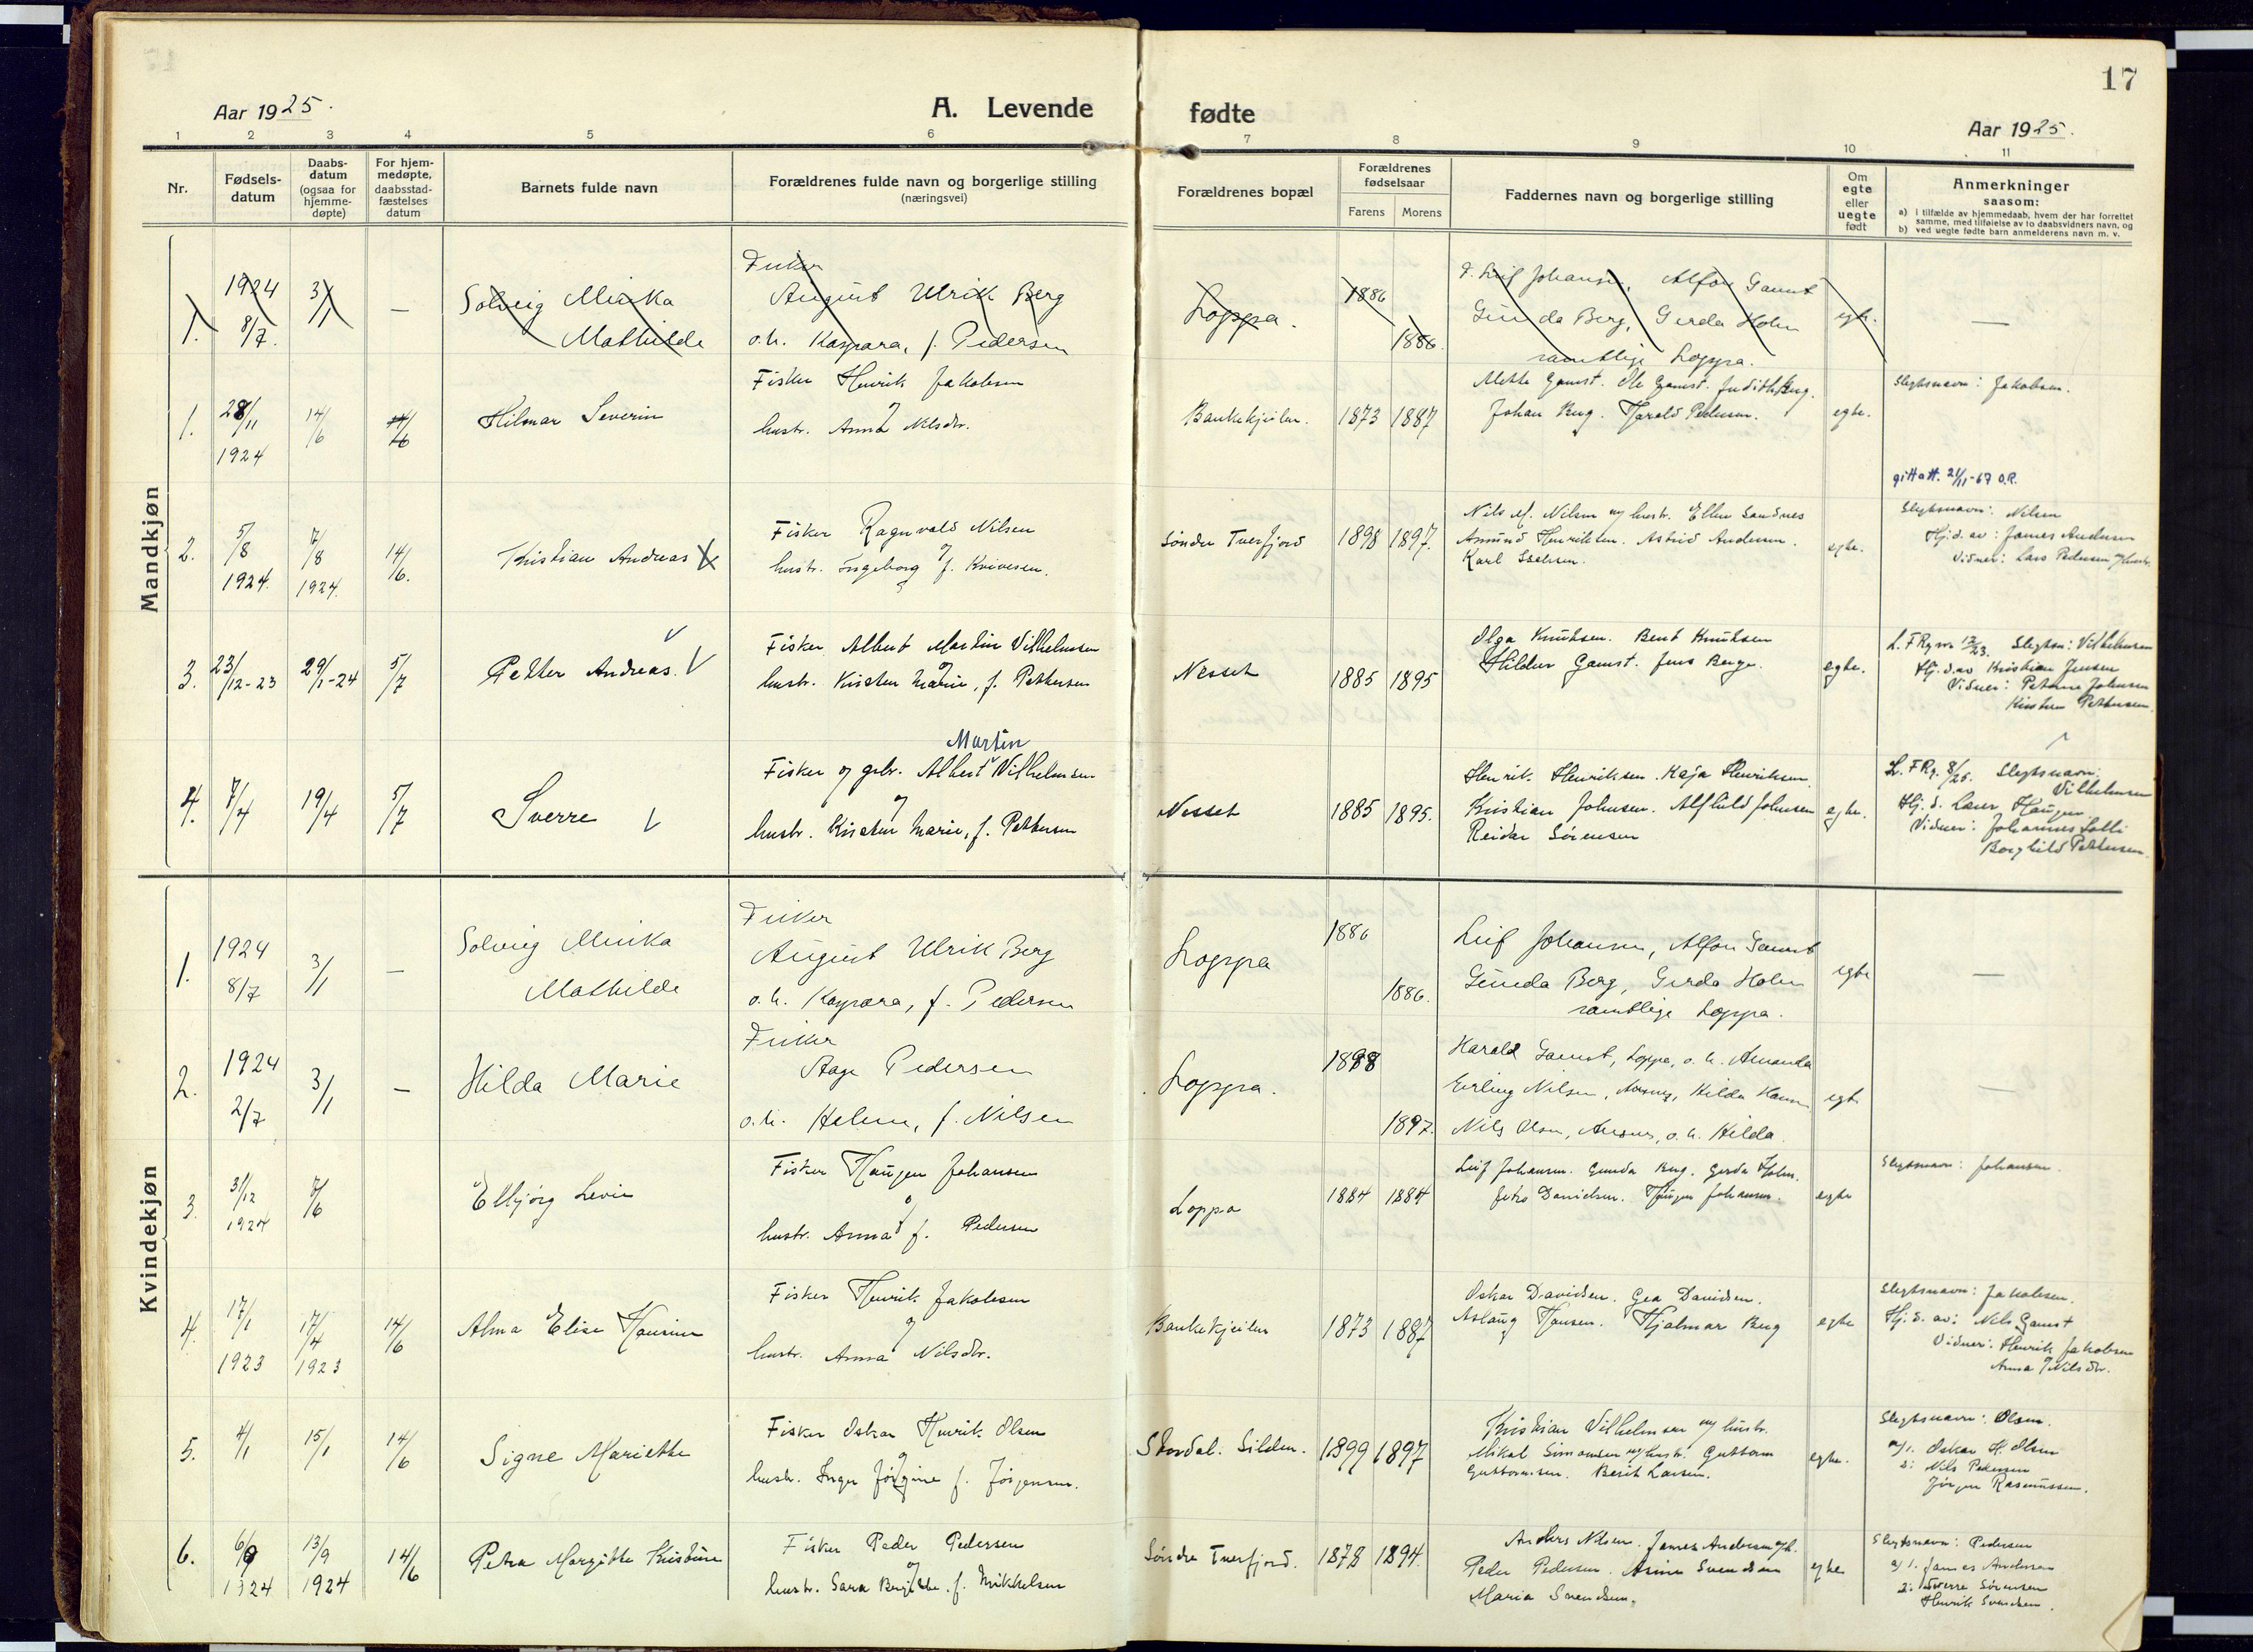 SATØ, Loppa sokneprestkontor, H/Ha/L0013kirke: Ministerialbok nr. 13, 1920-1932, s. 17